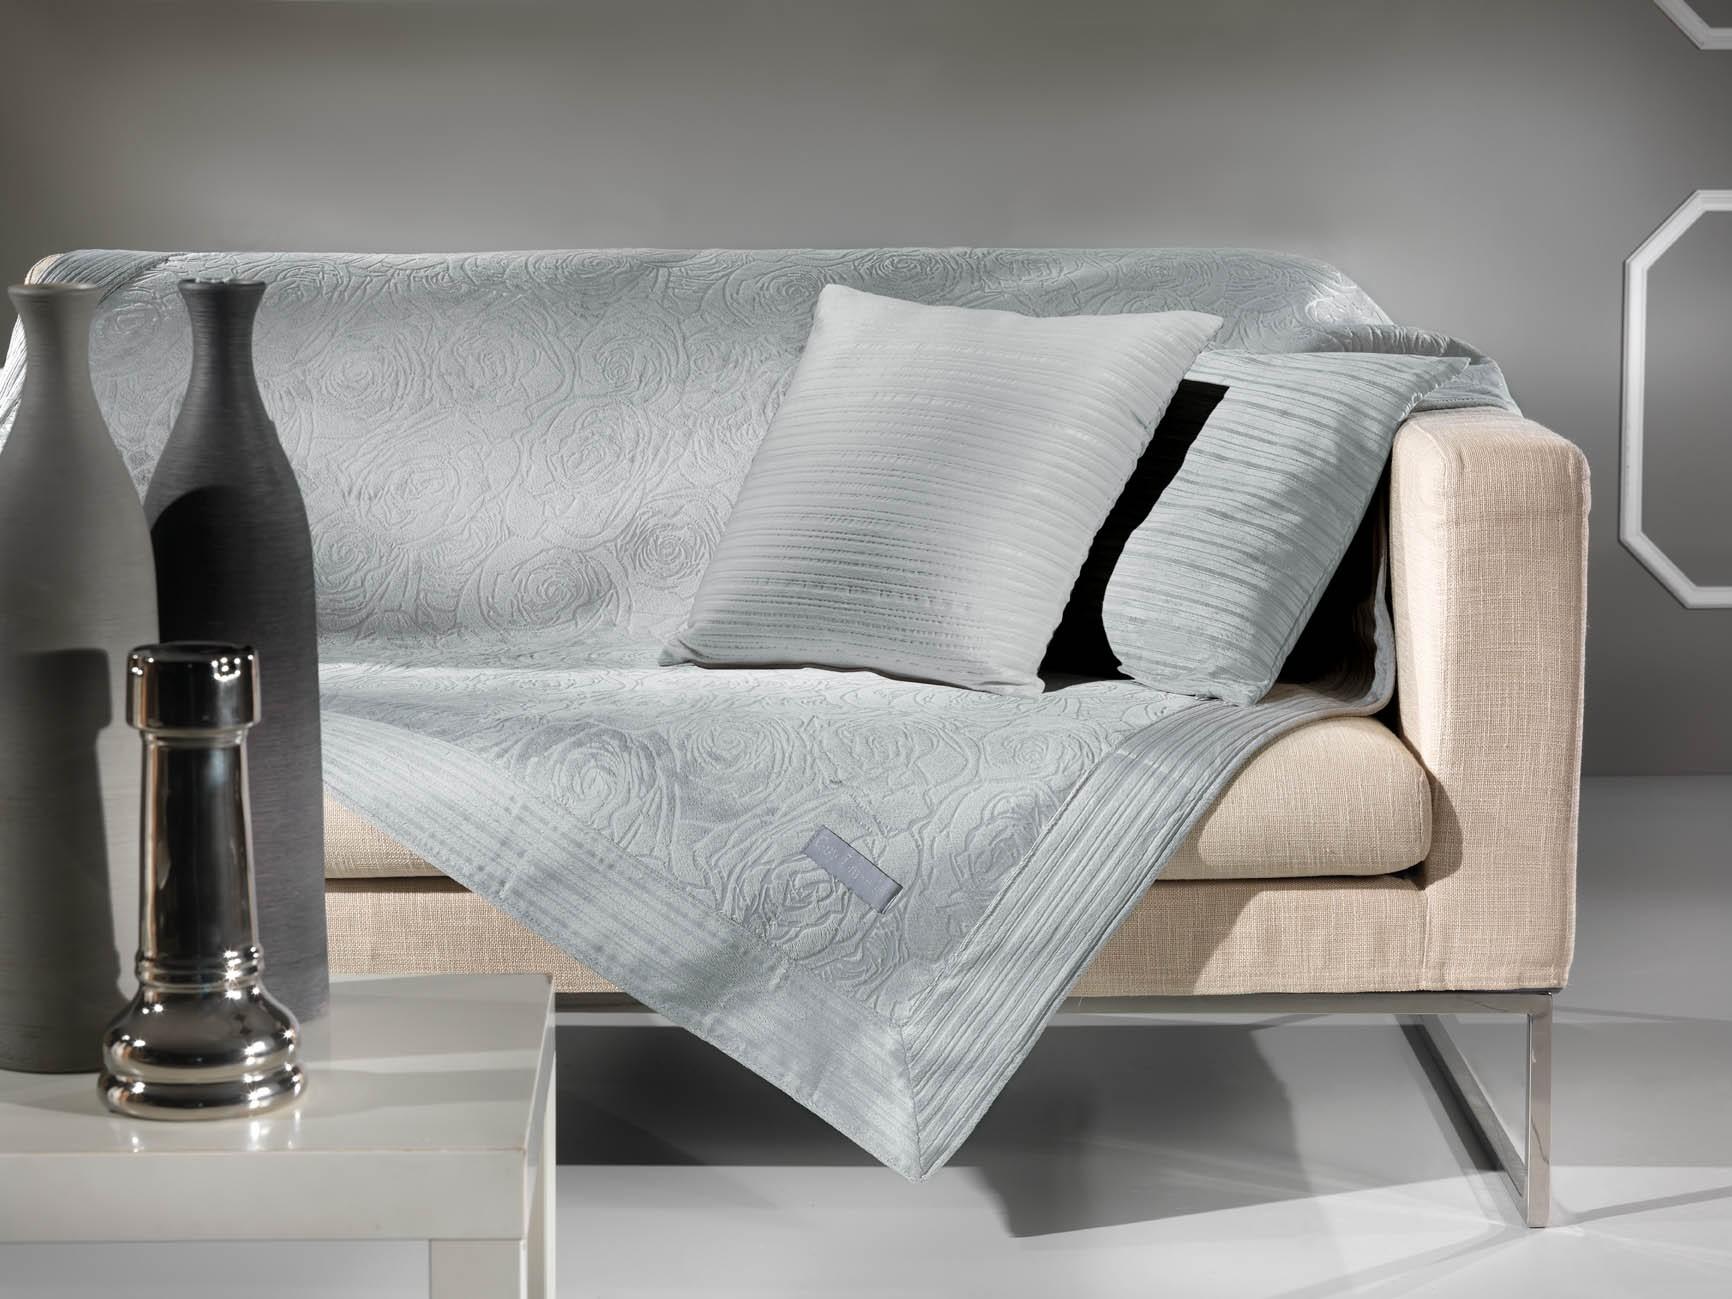 Ριχτάρι Πολυθρόνας (170×150) Guy Laroche Capsule Silver